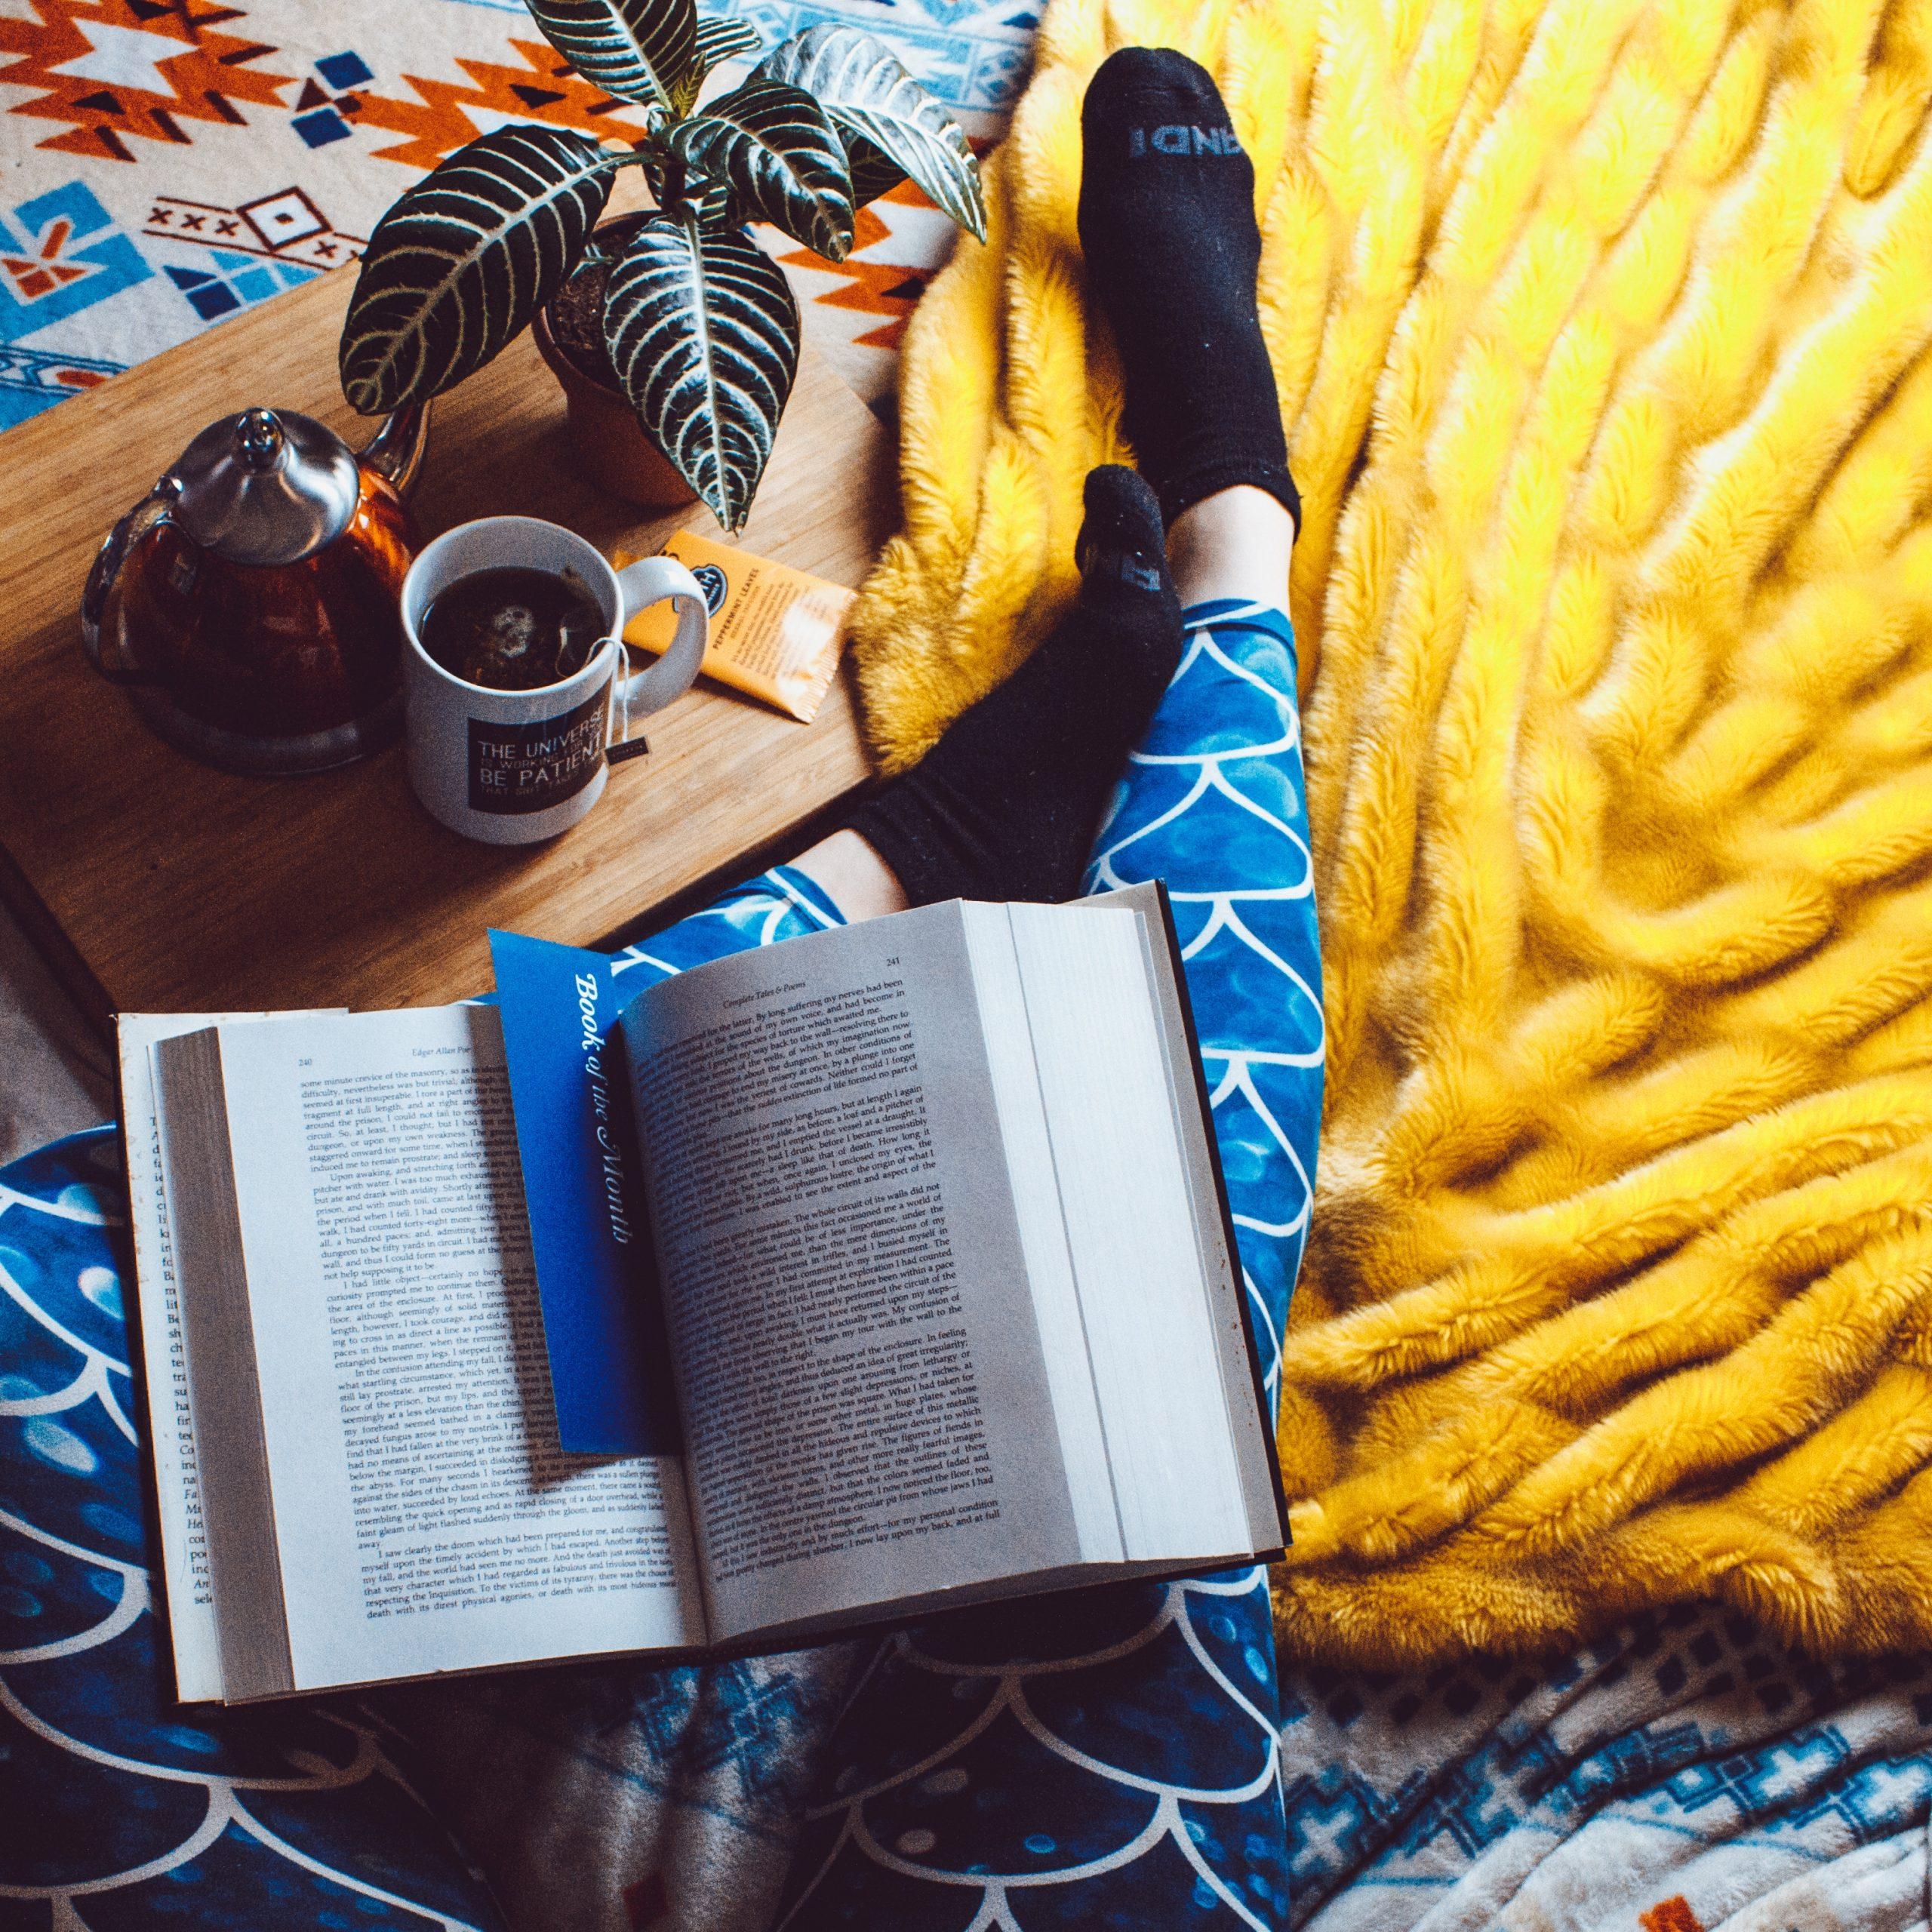 žena sedí na zemi, na klíně má knihu, vedle sebe podnos s čajem